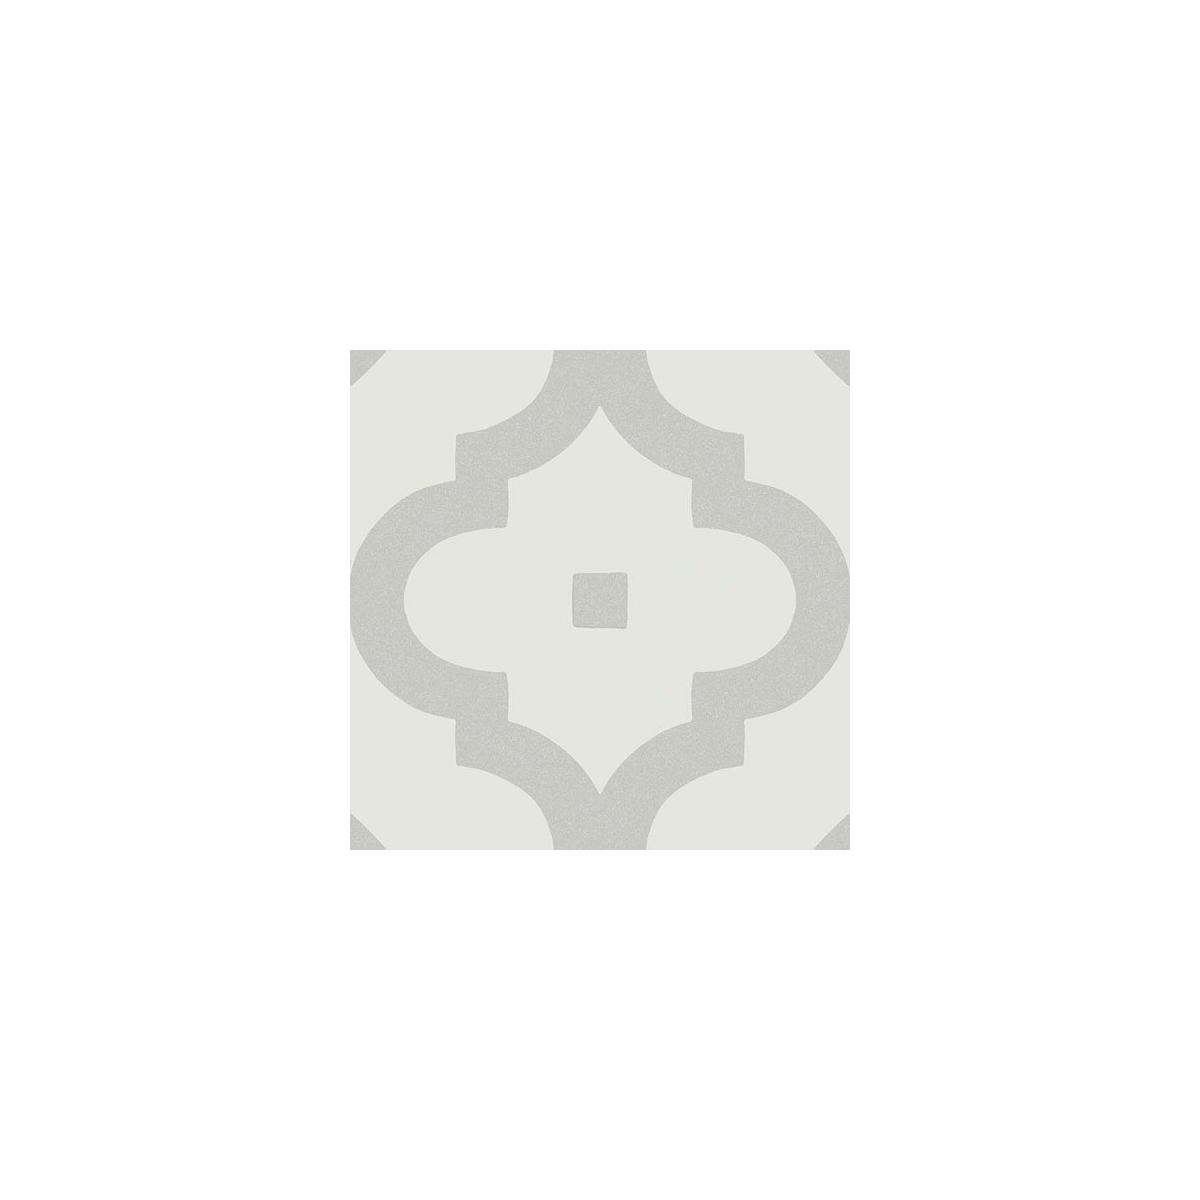 Ladakhi Gris 20x20 (m2) - Losas hidráulicas Porcelánico para interior y exterior